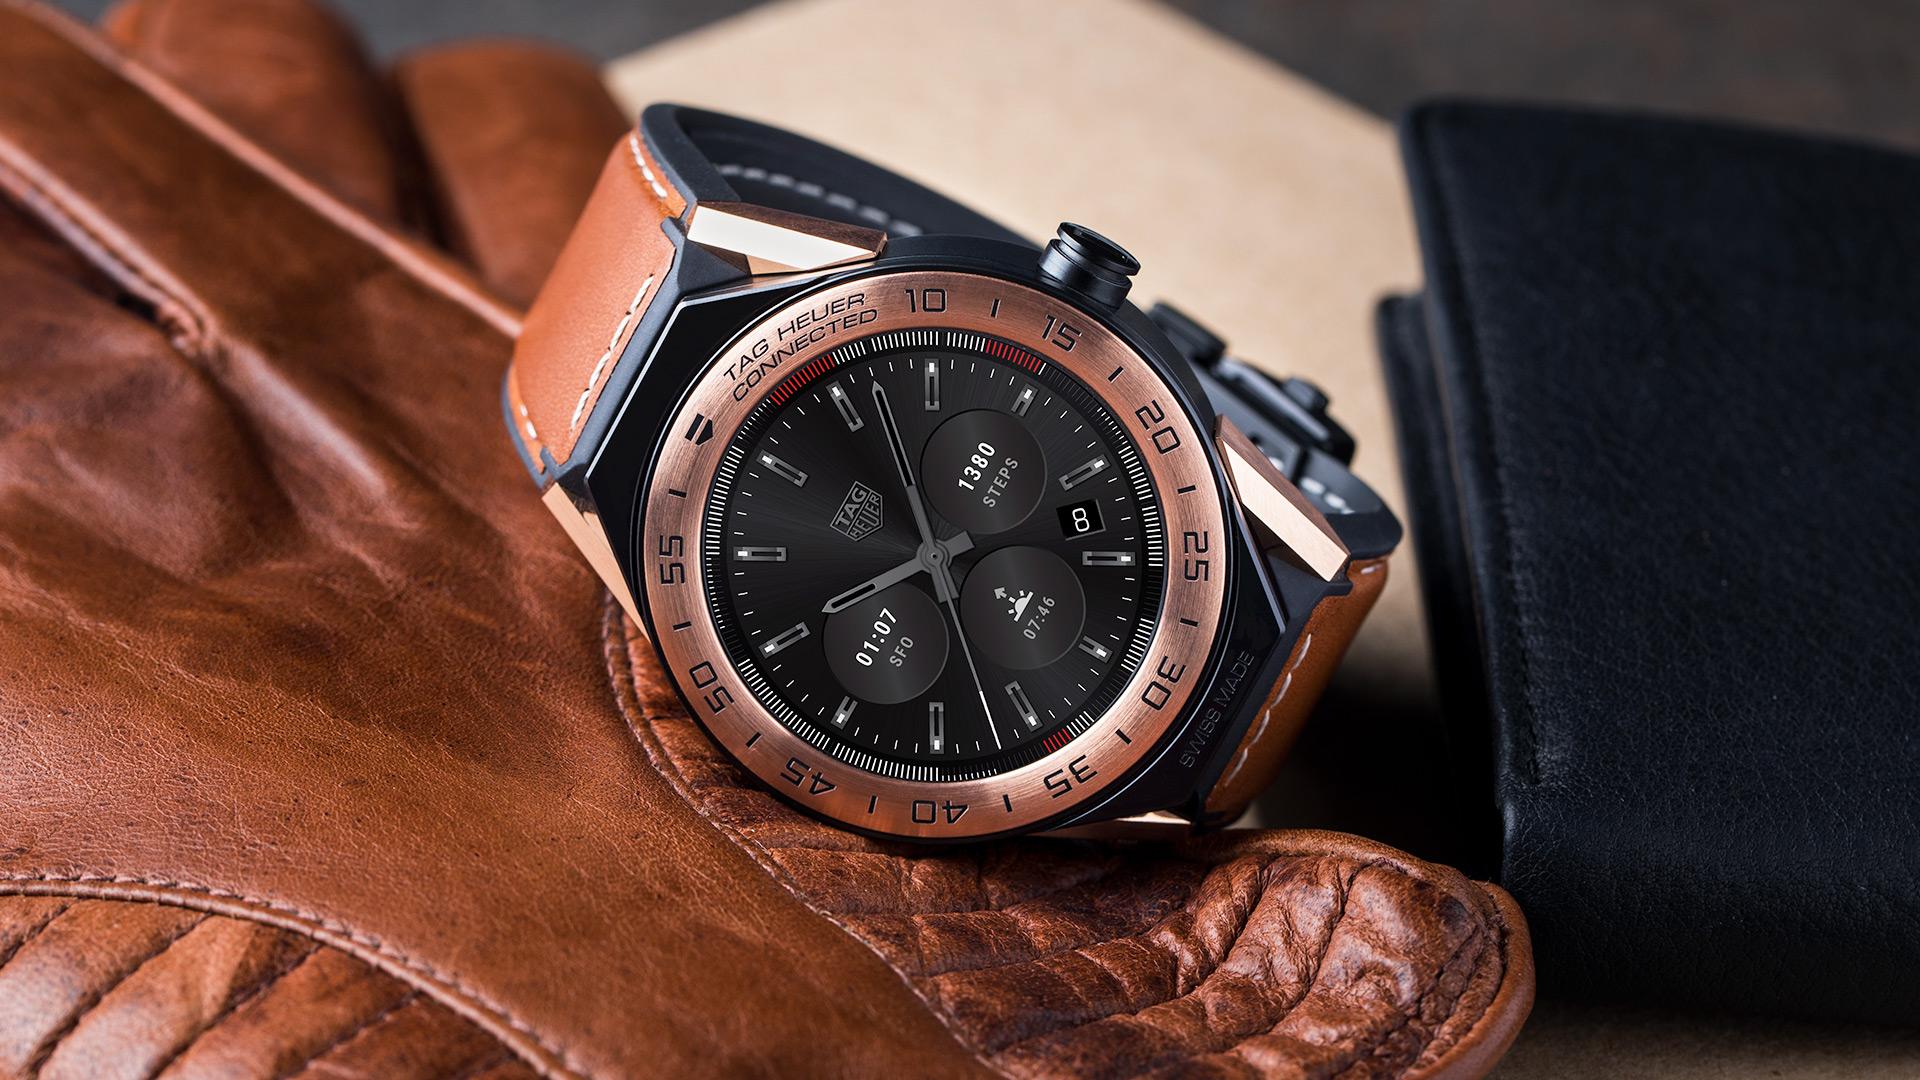 Tag Heuer présente Connected Modular 45, une montre connectée de luxe